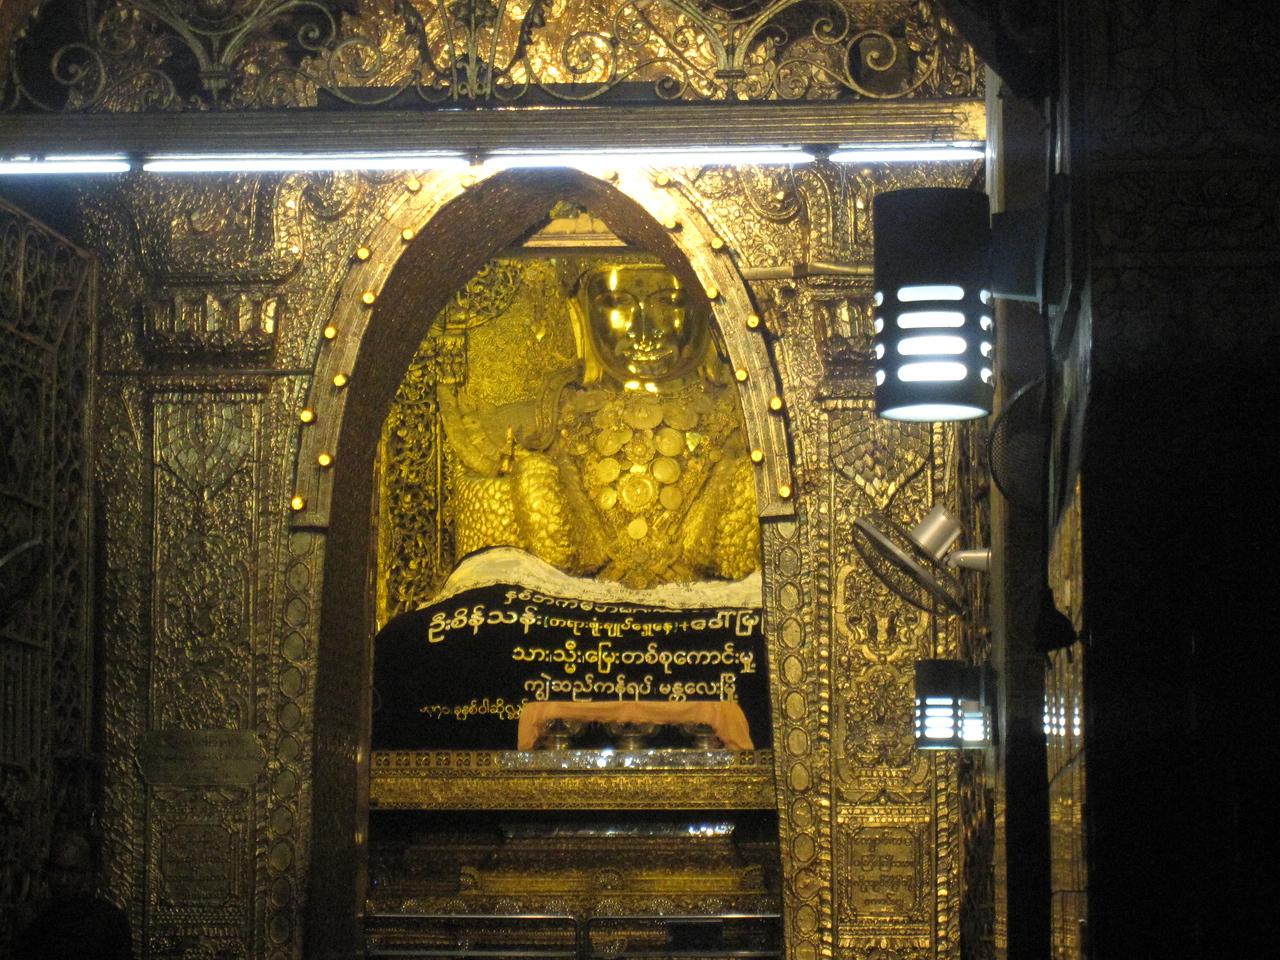 Mahamuni Buddha image in Mandalay, Burma